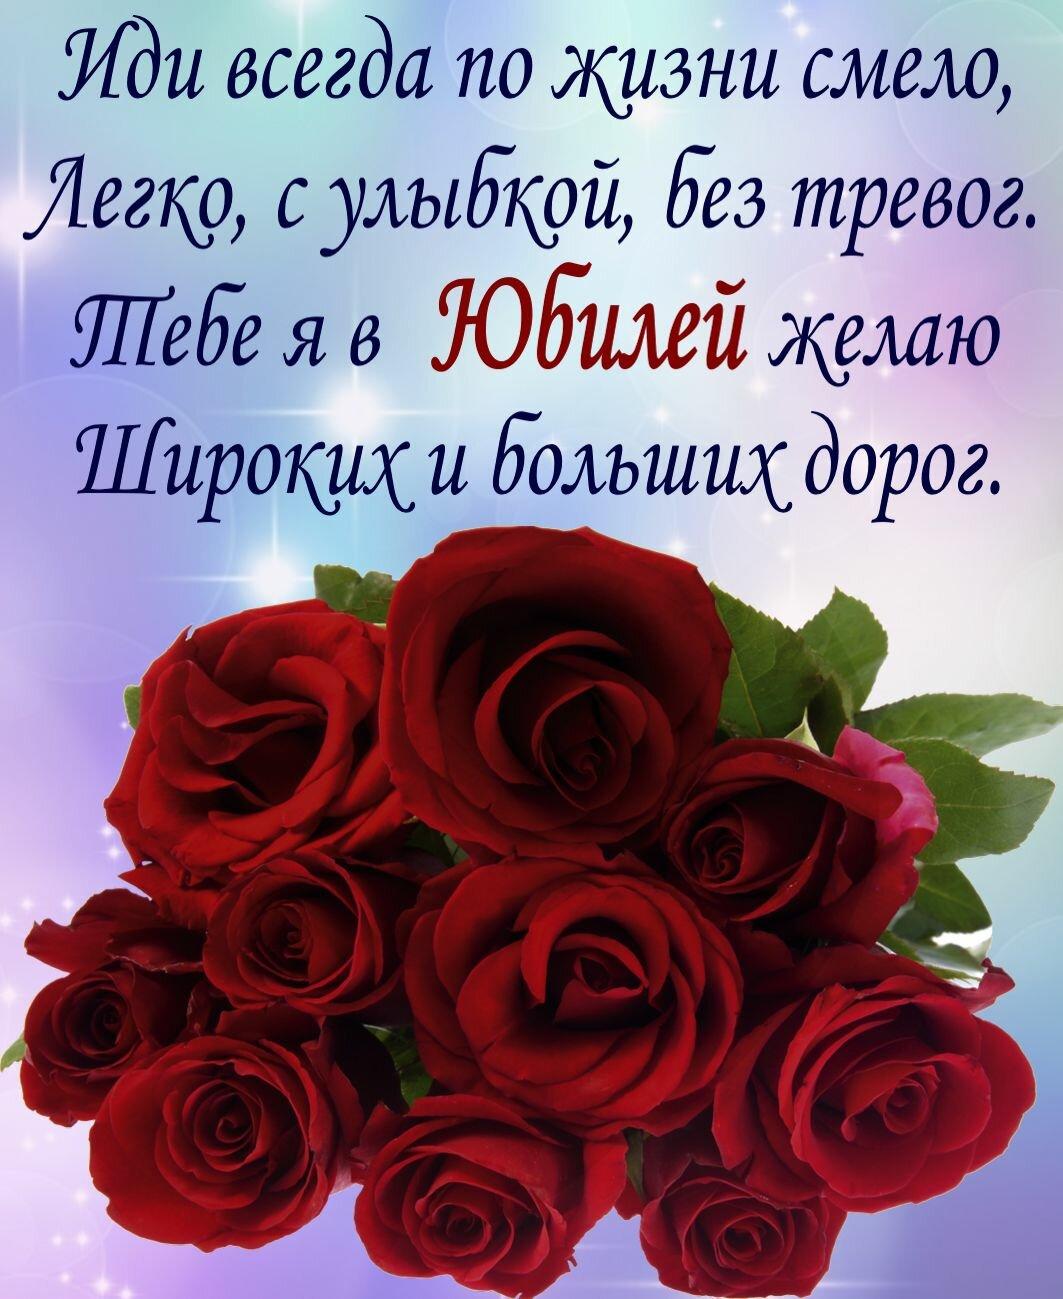 Днем рождения, открытка поздравляю с юбилеем женщине